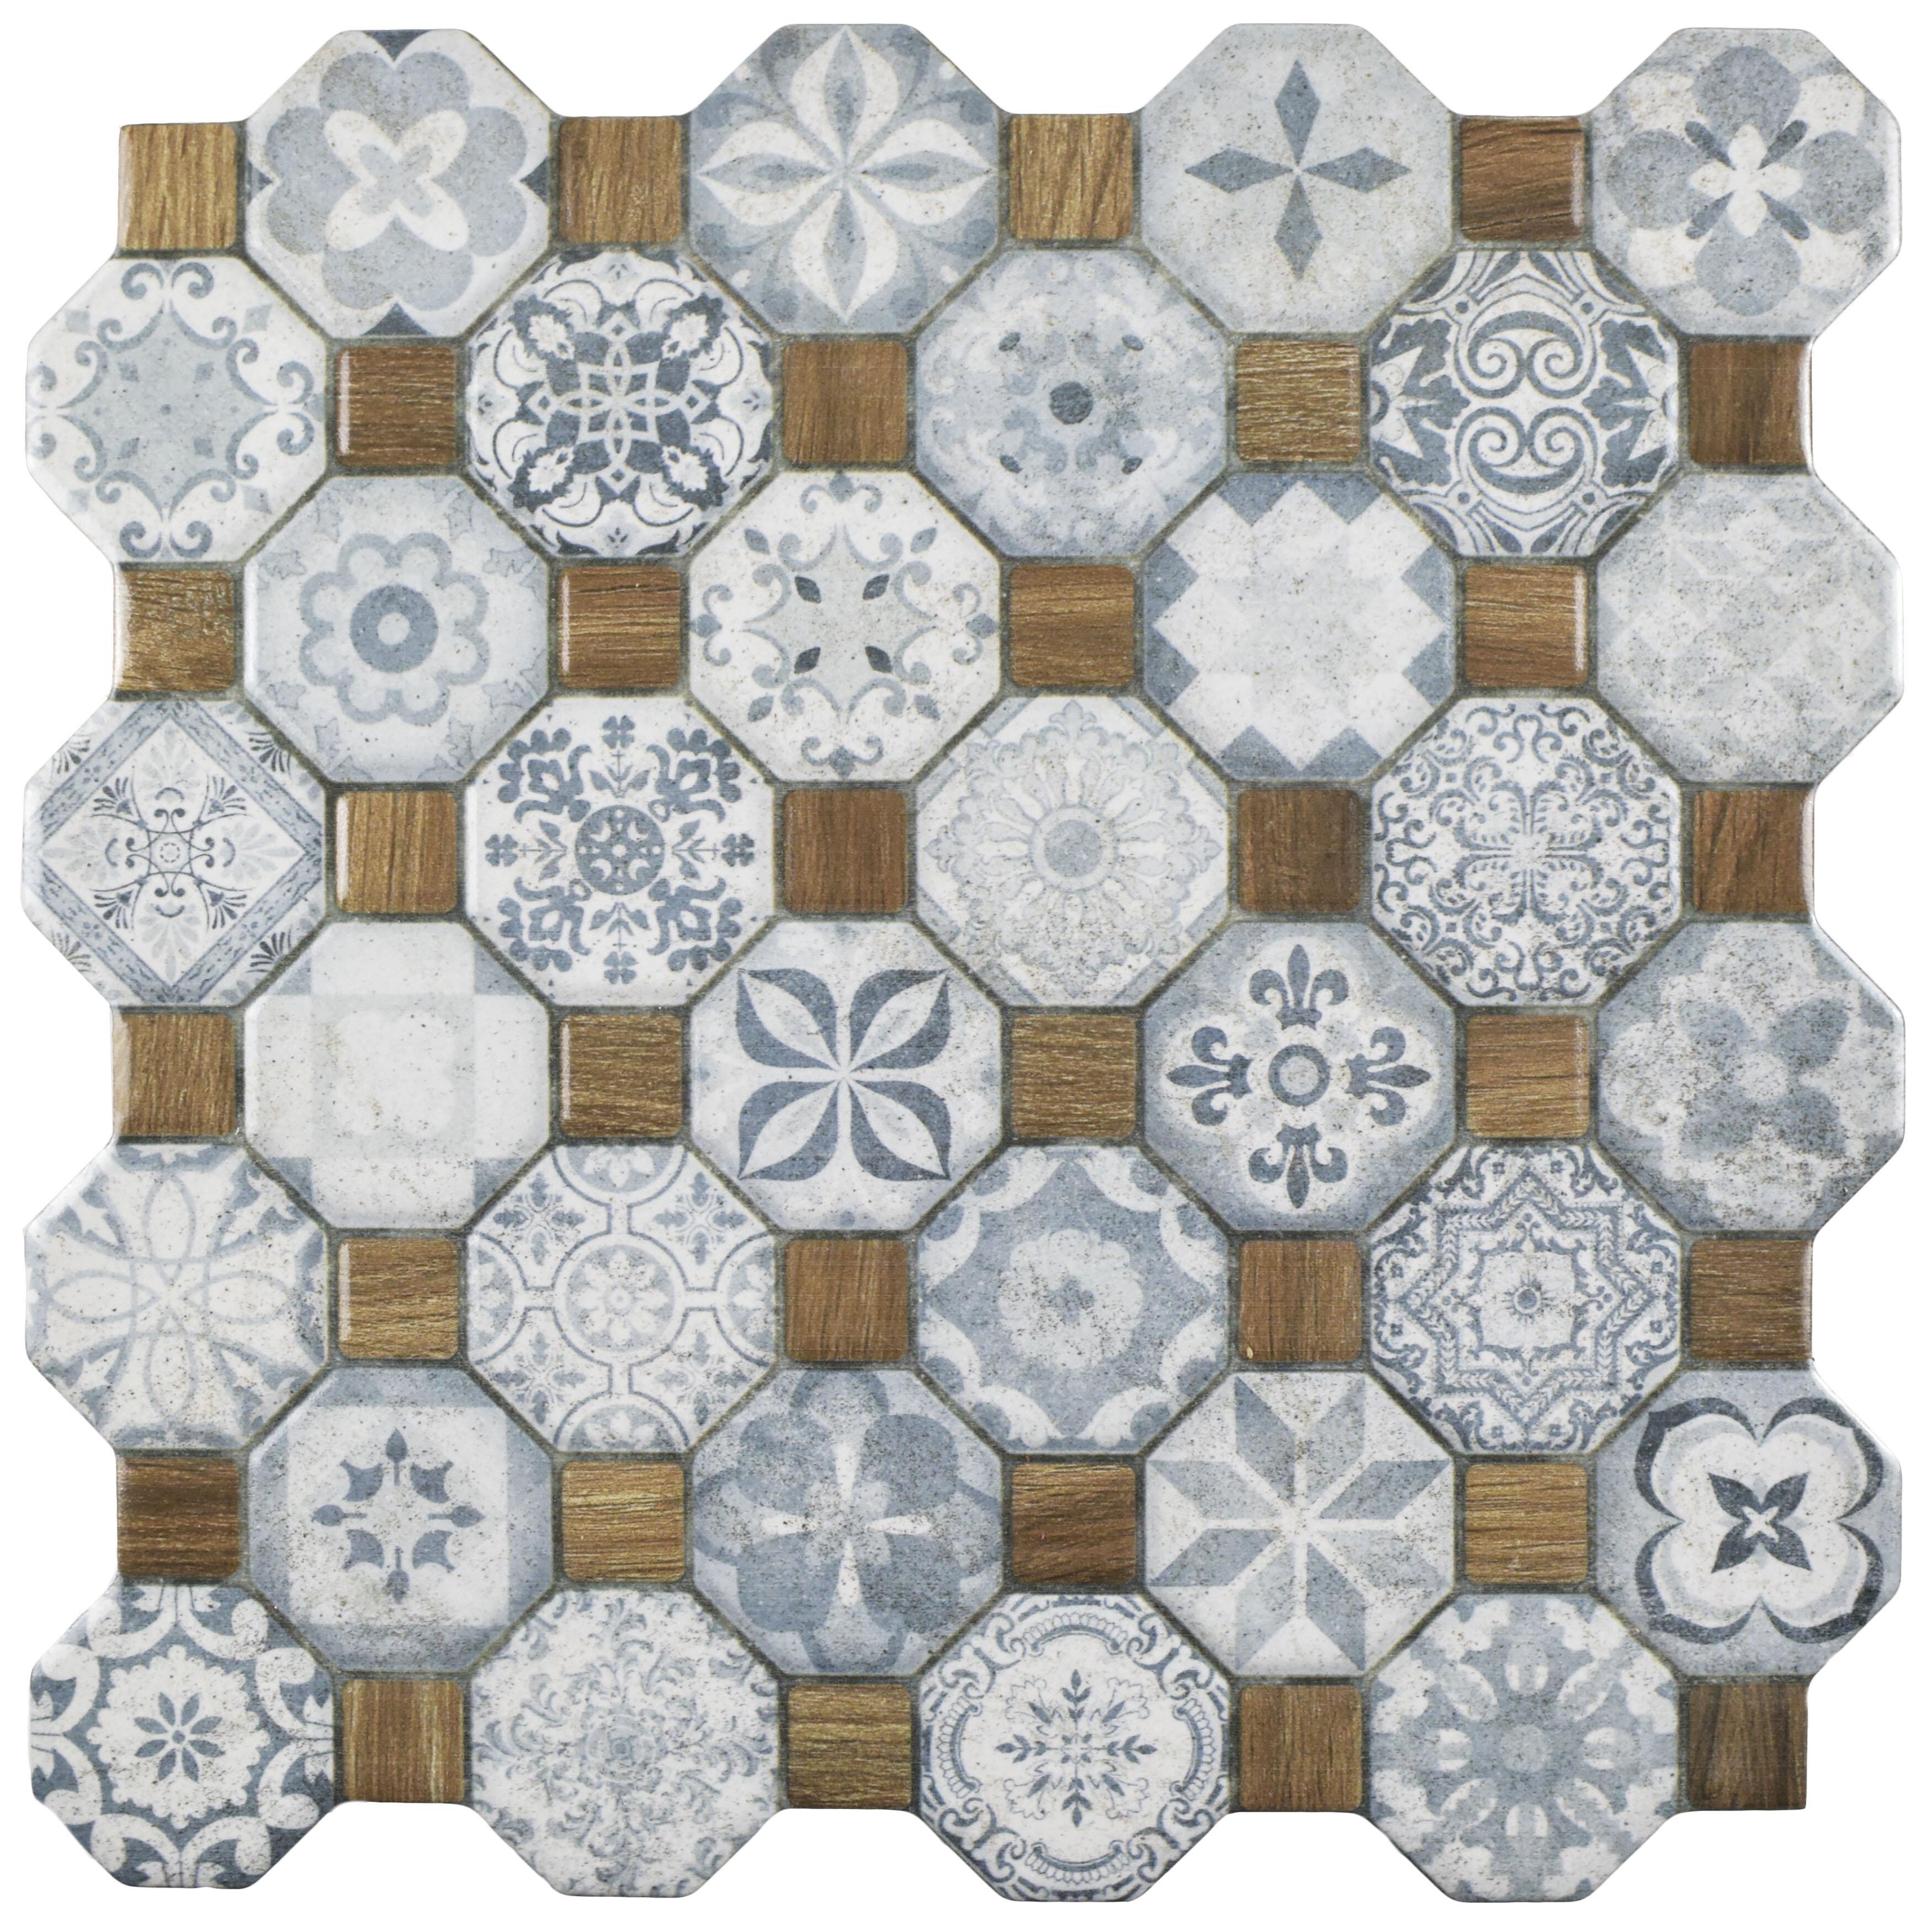 Elitetile Edredon 1225 X 1225 Ceramic Tile In Bluegray Wayfair